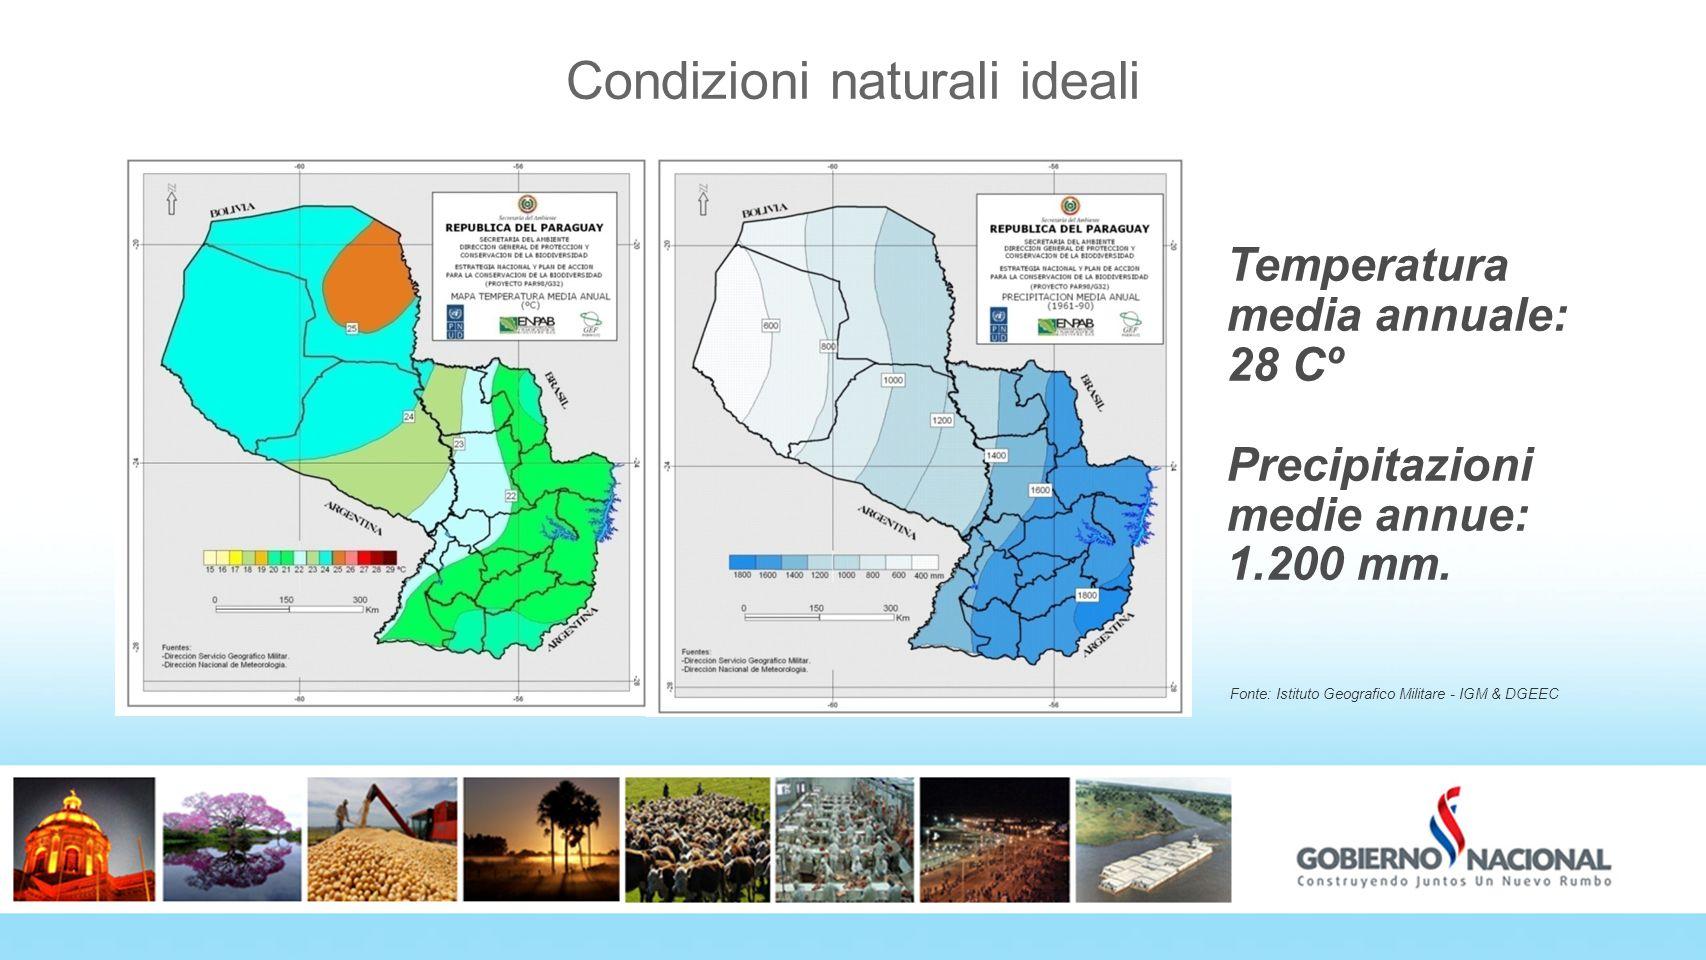 Condizioni naturali ideali